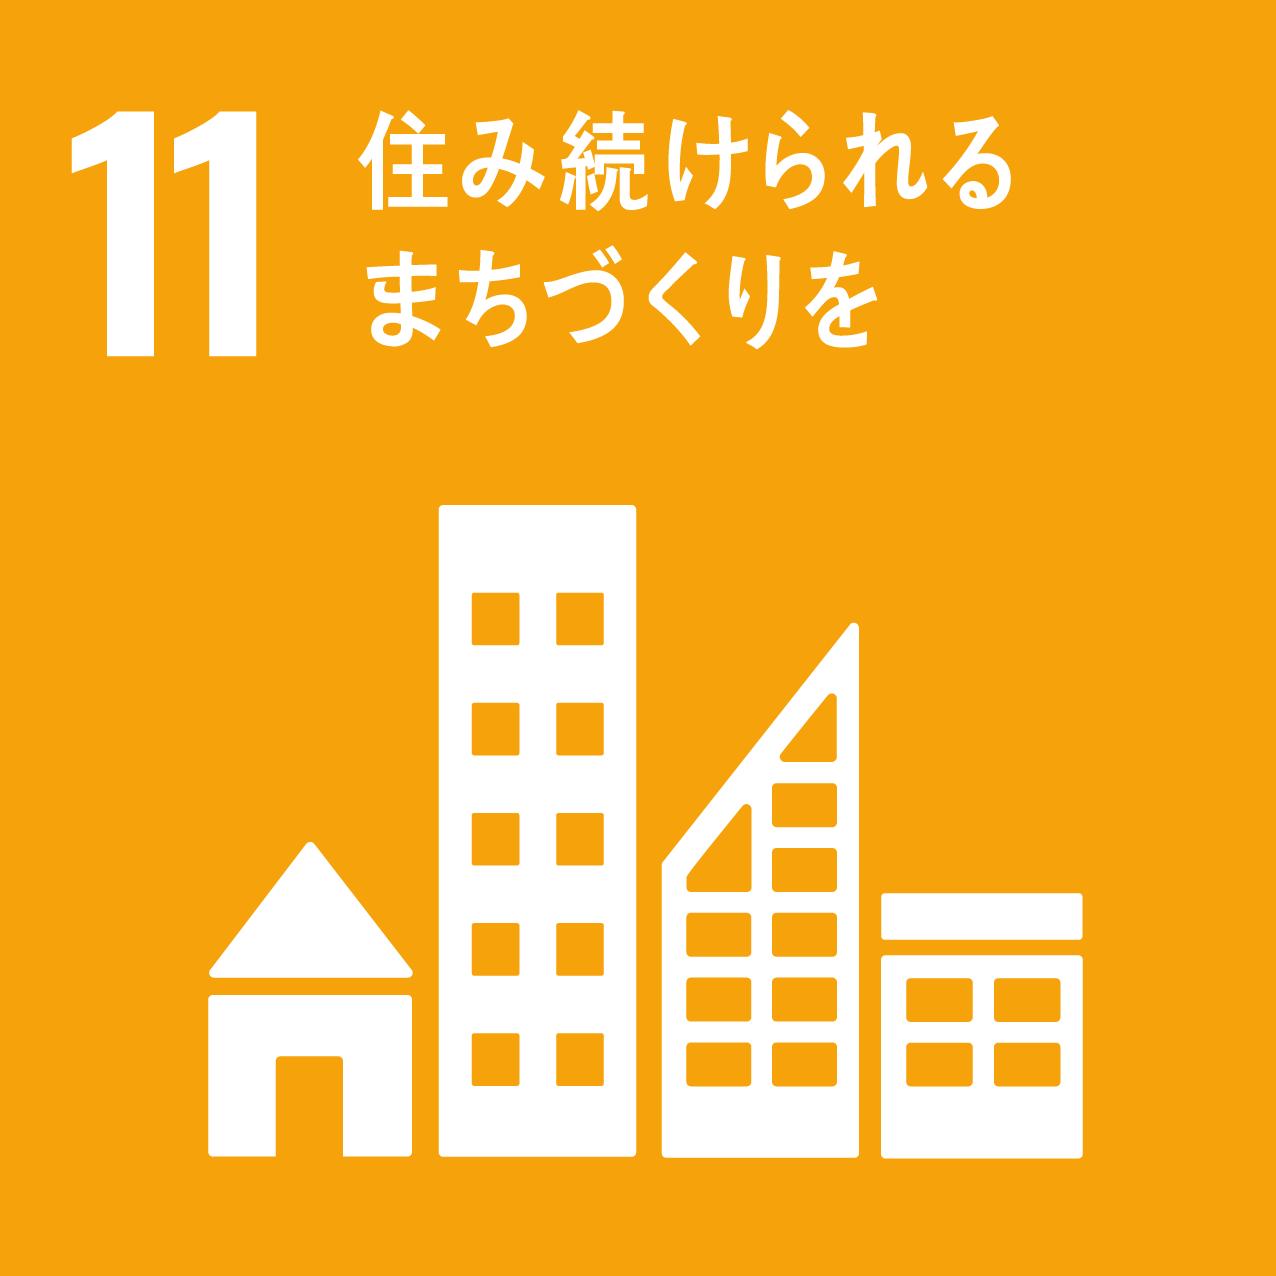 SDGs目標11:住み続けられるまちづくりをのアイコン